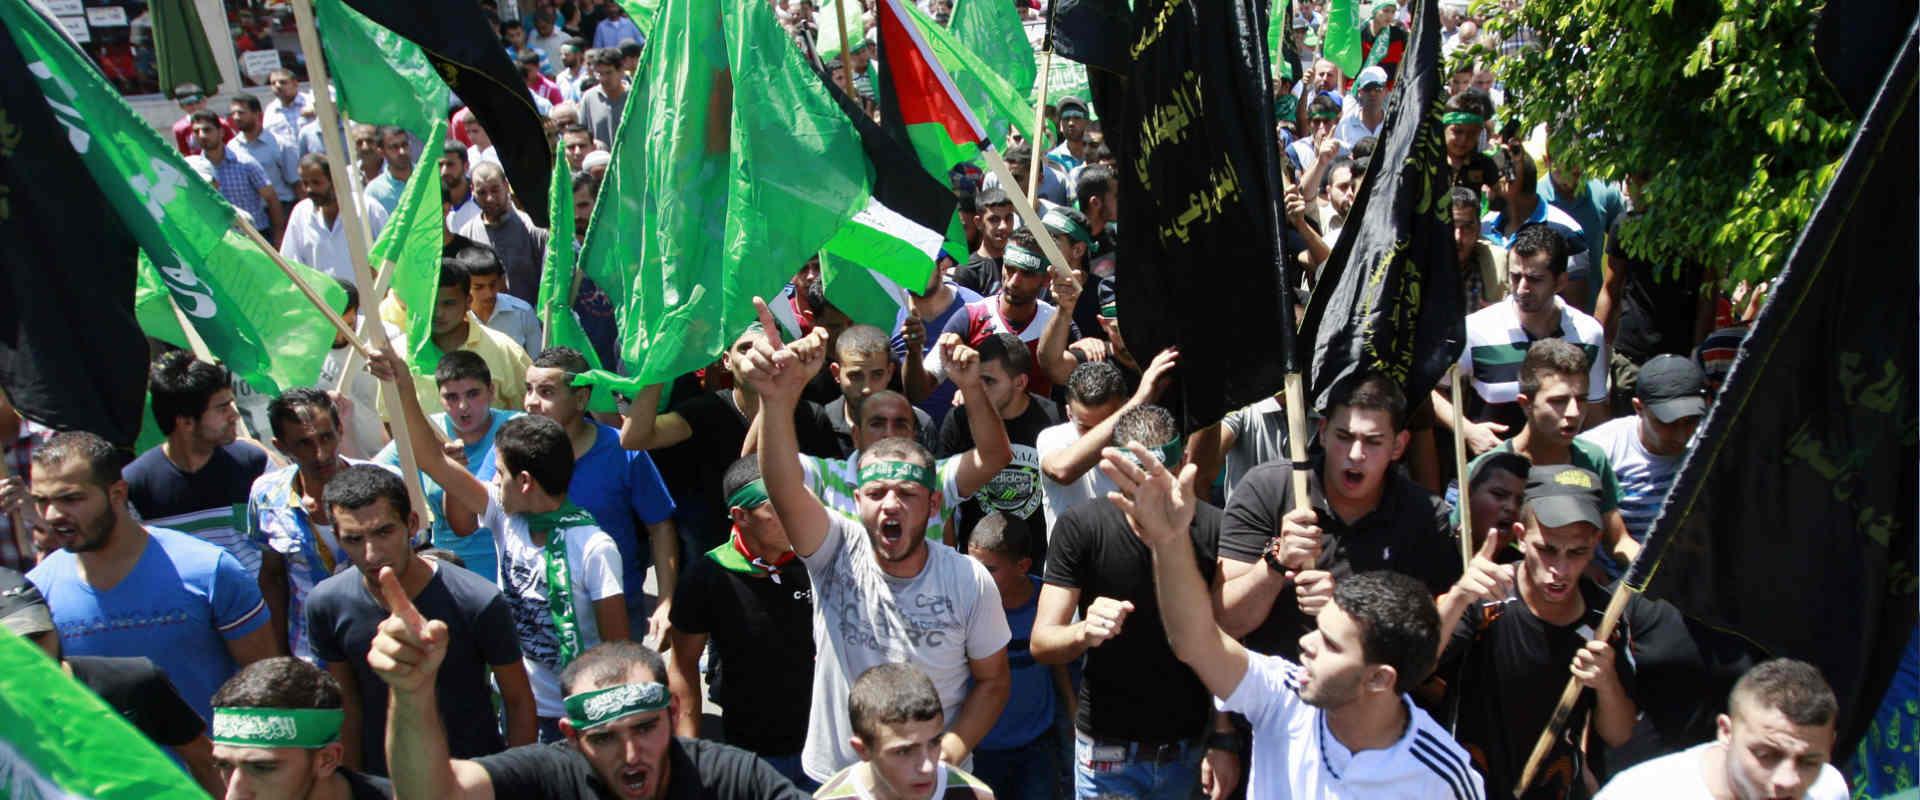 פעילי הג'יהאד האיסלאמי בעזה